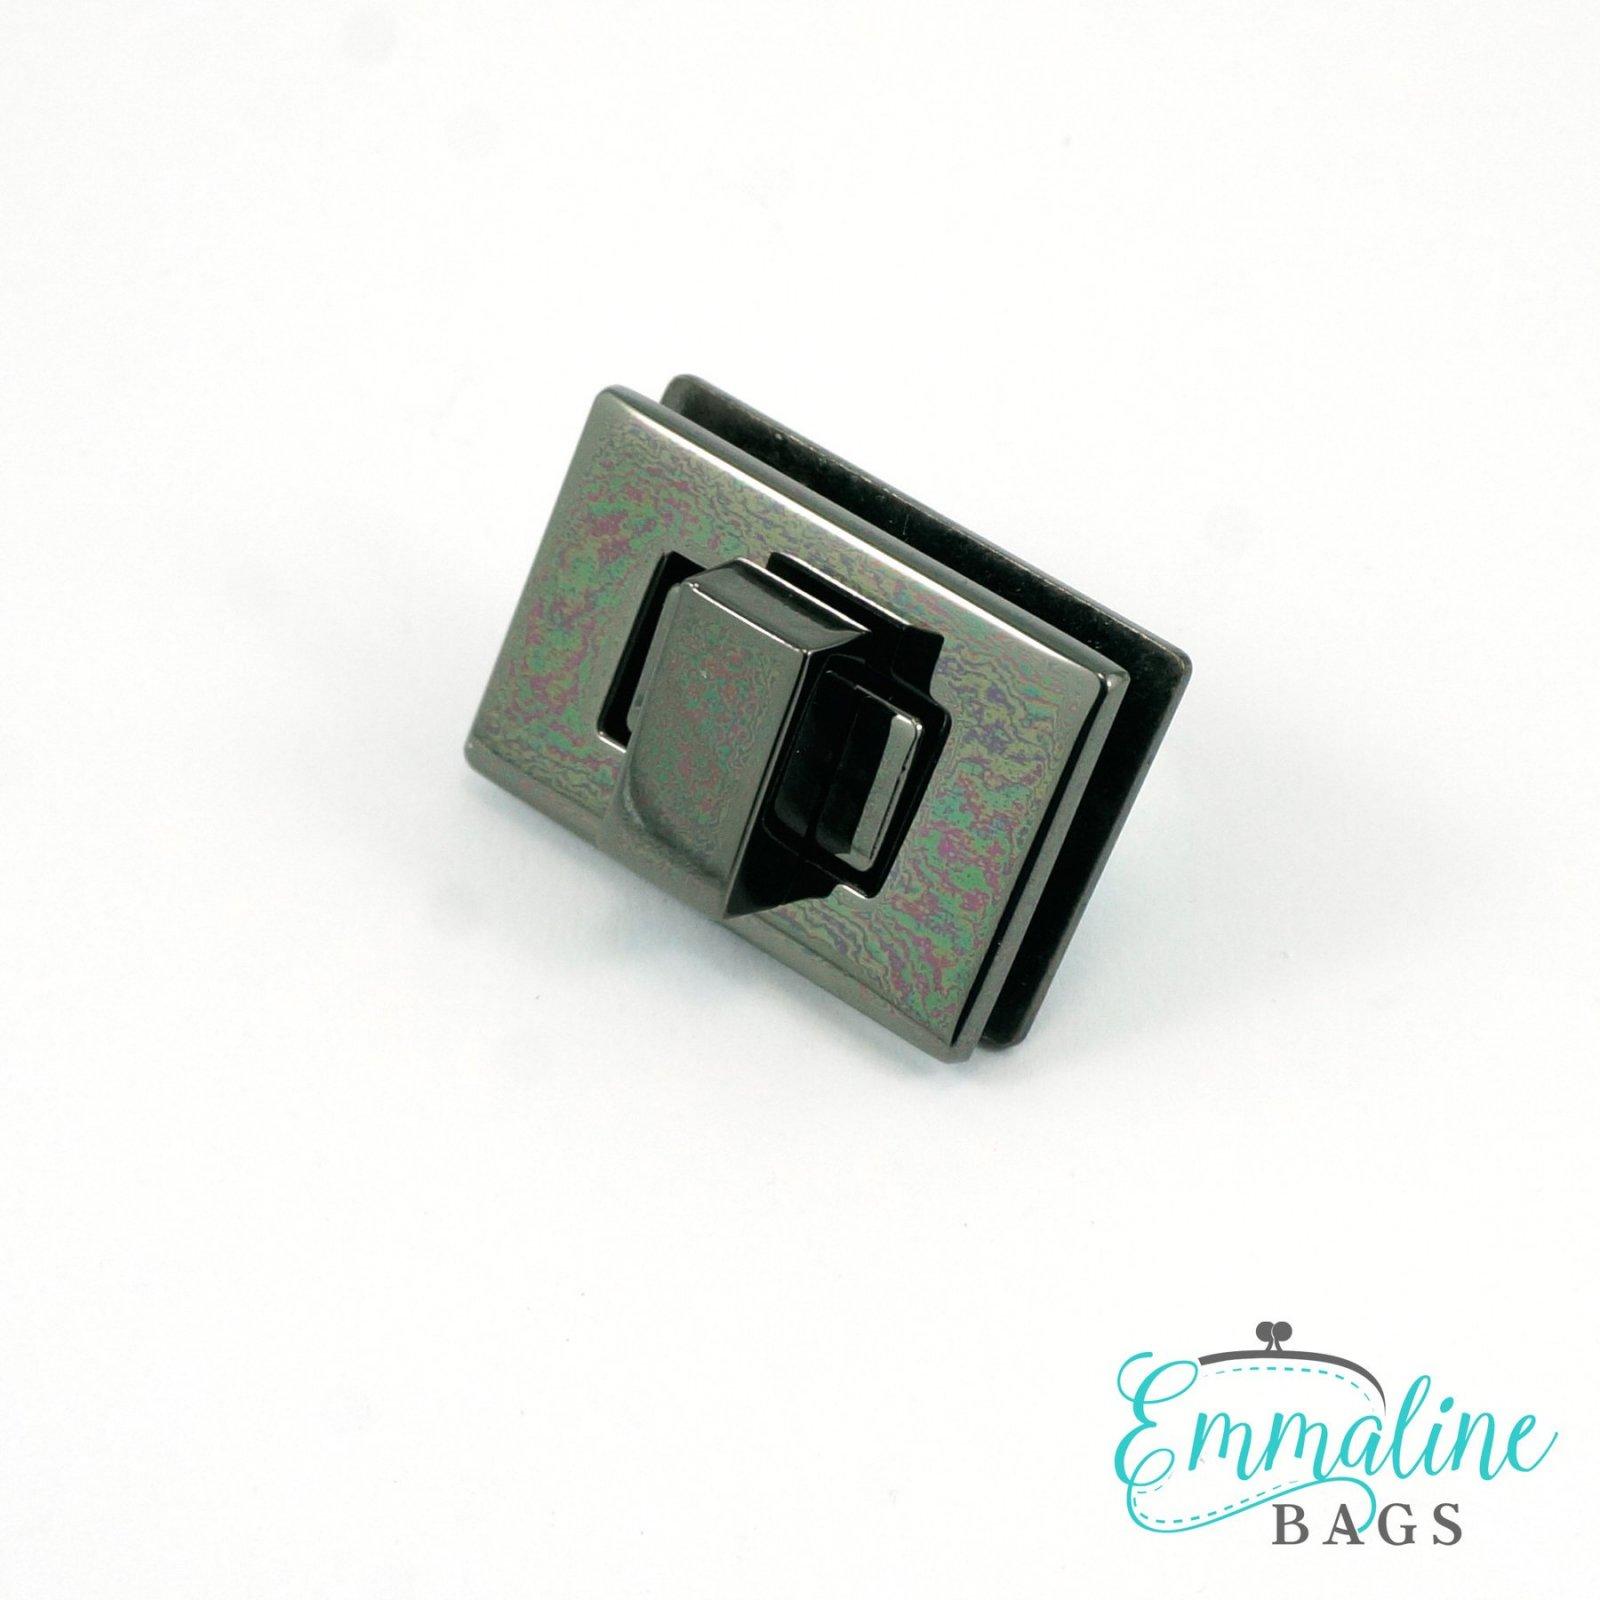 Rectangular Bag Lock 1.5 - Gunmetal